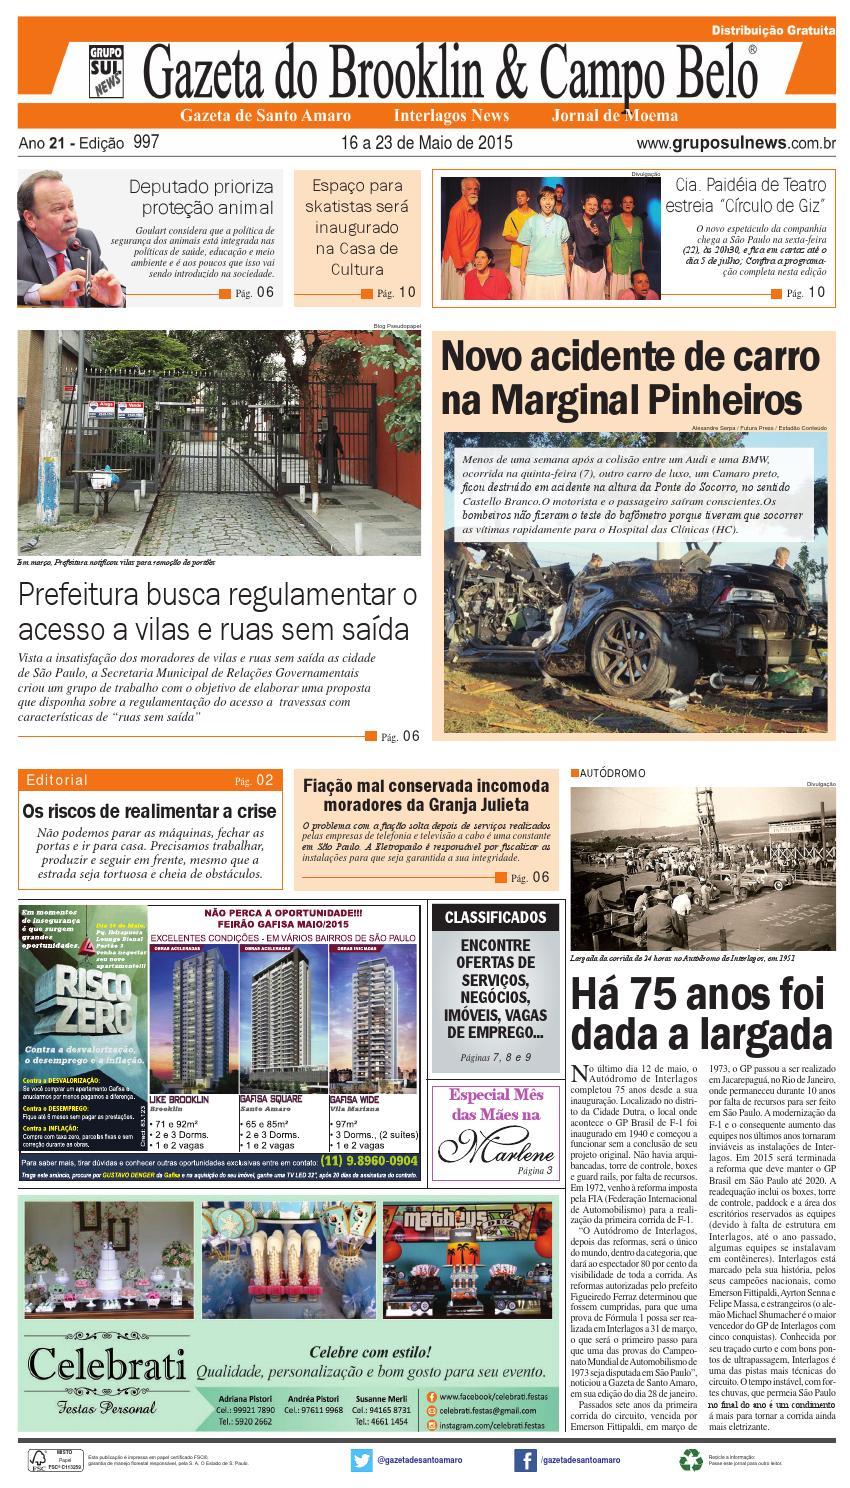 b4980f913 Edição 997 - 16 a 22 de Maio de 2015 by Grupo Sul News - issuu